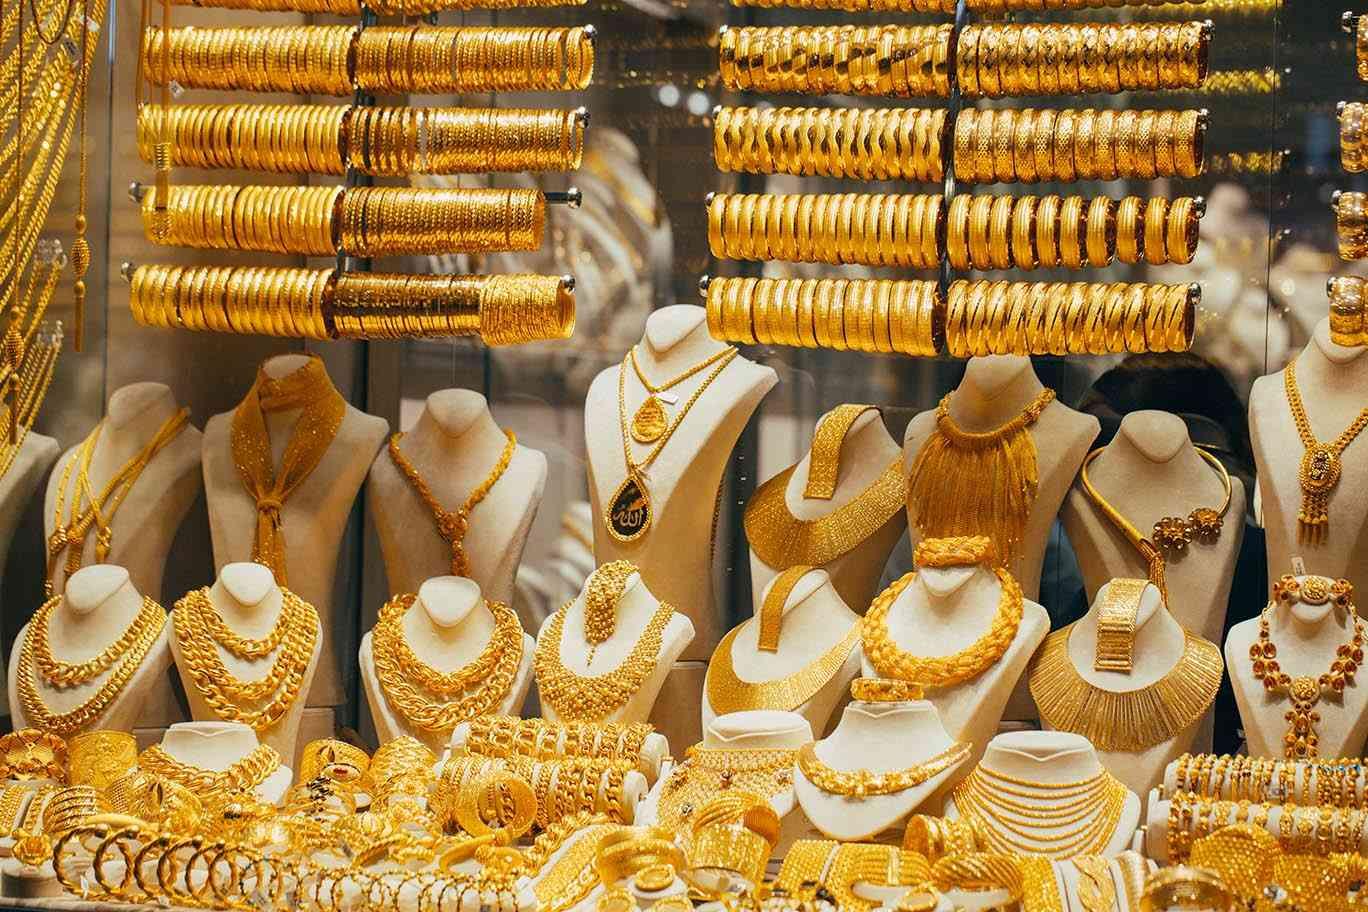 تعرف على أسعار الذهب في الأسواق العراقية اليوم الثلاثاء